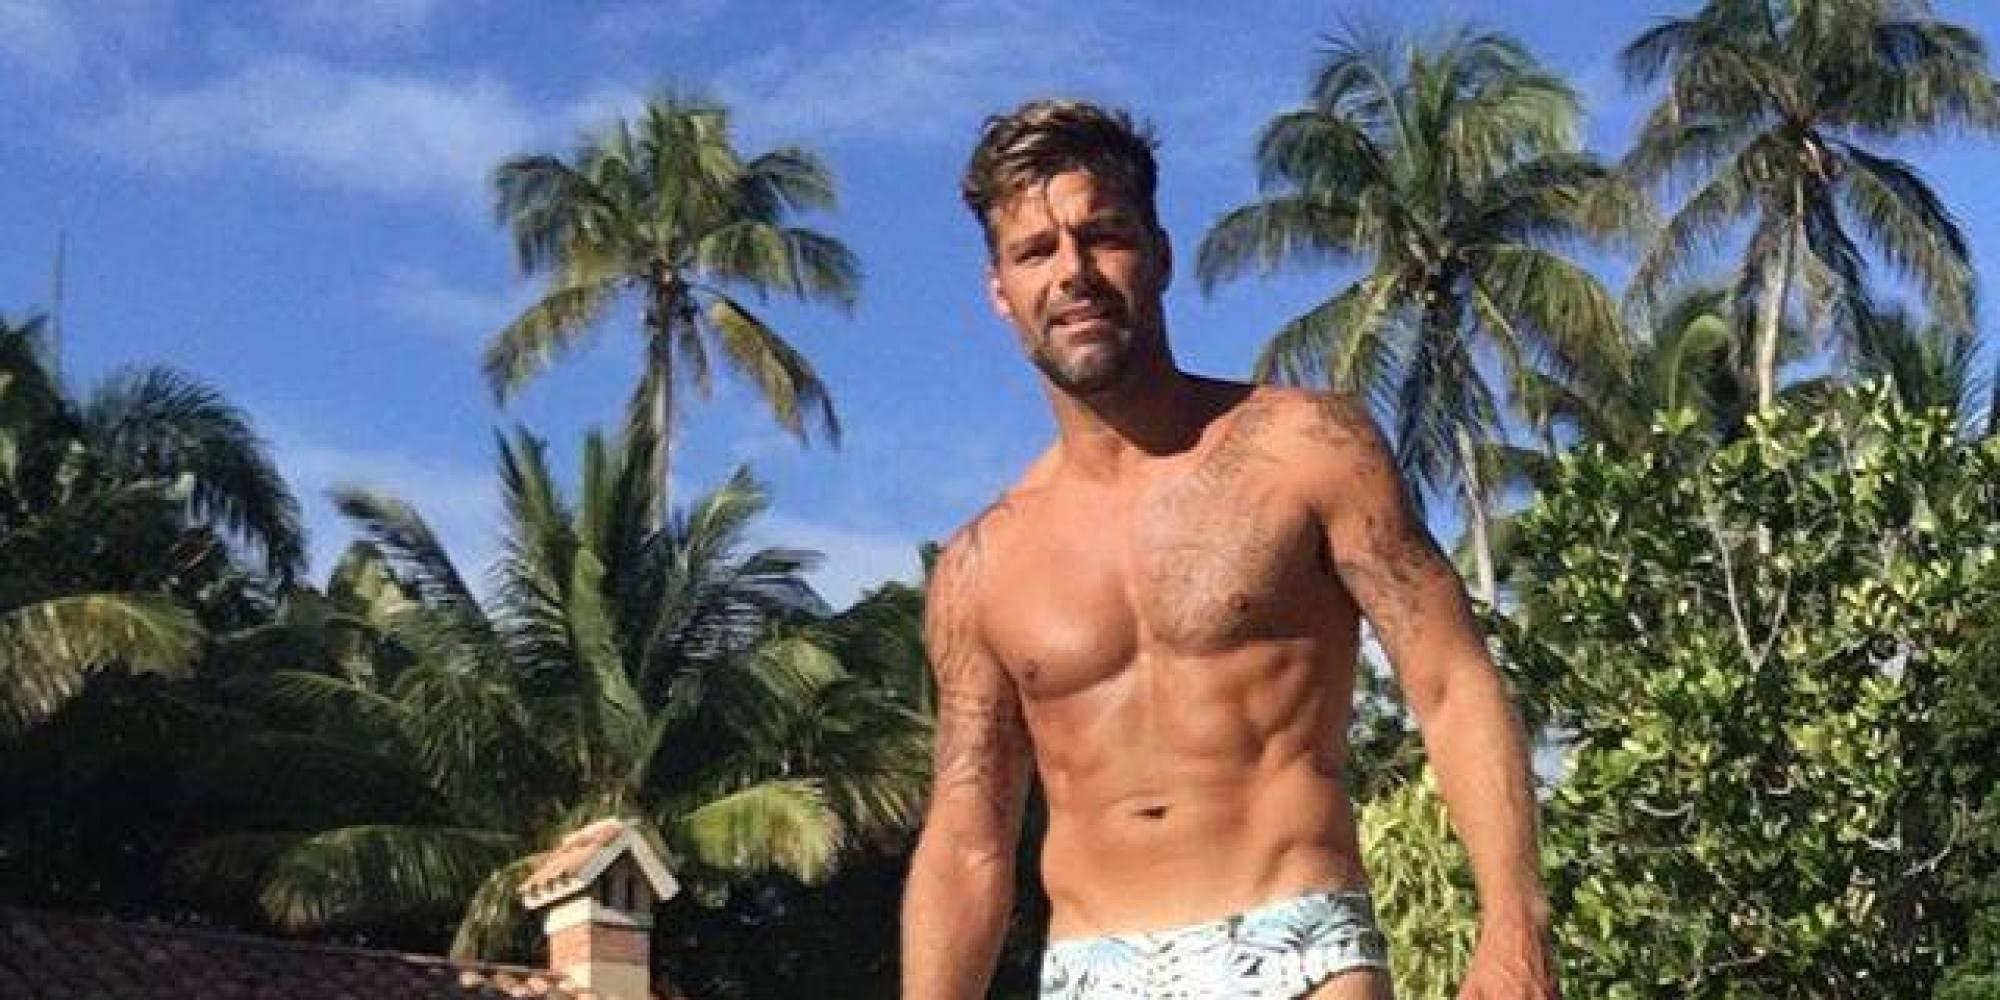 Botiquines Para Baño En Puerto Rico:Ricky Martin de vacaciones en Puerto Rico y ¡en diminuto traje de